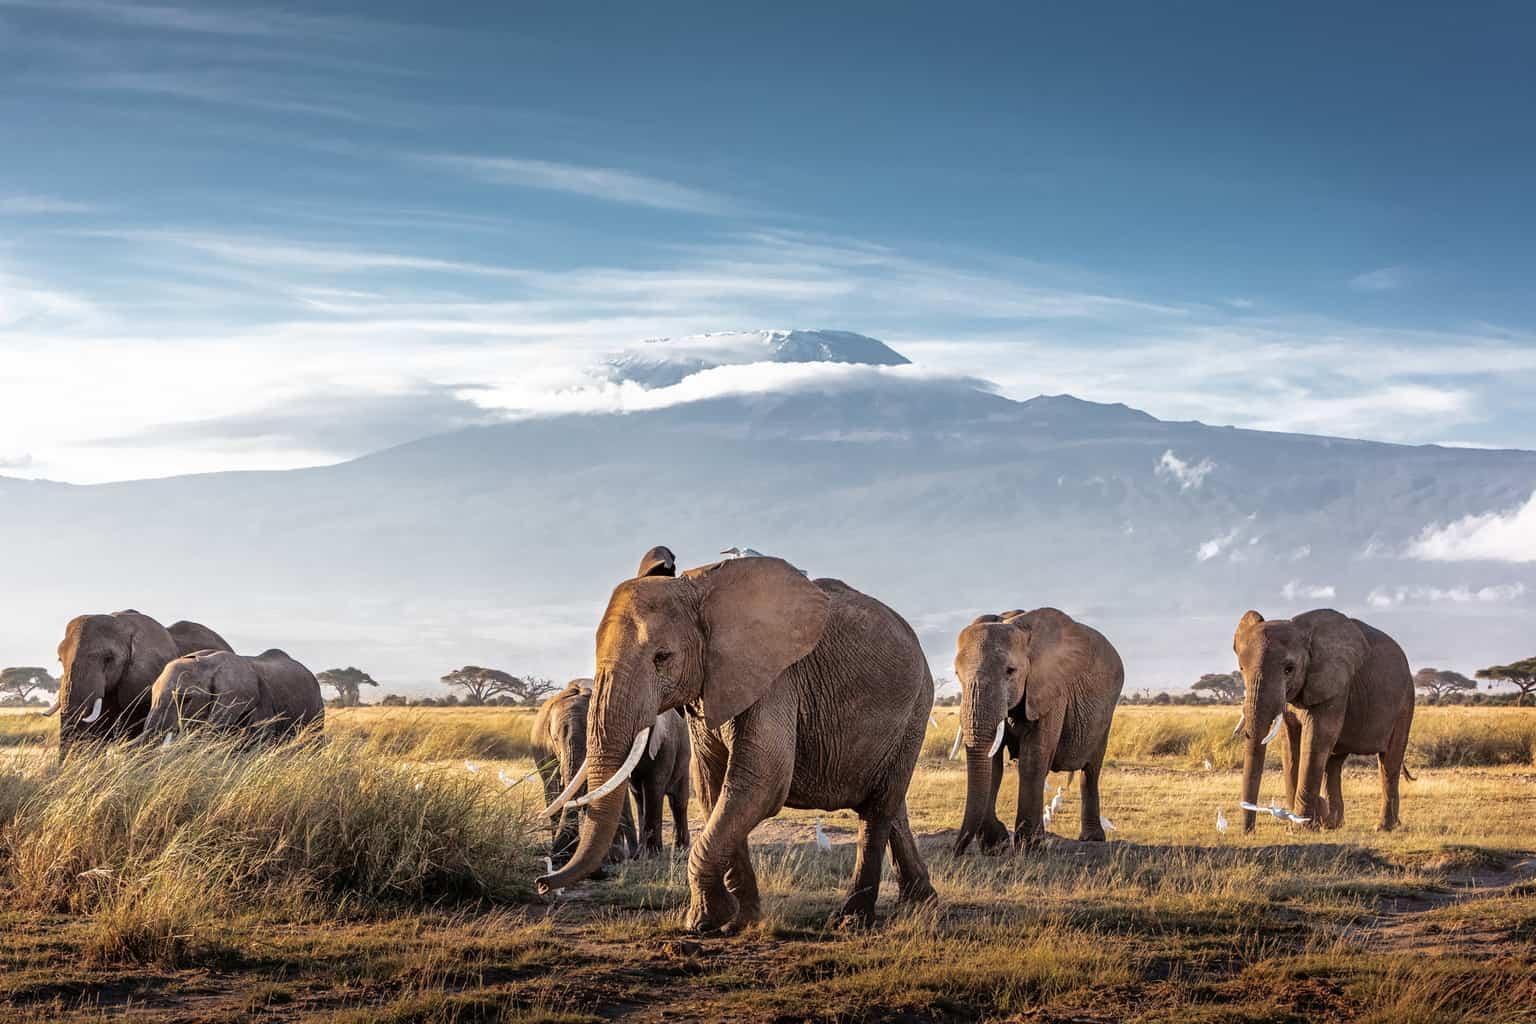 O-Parque-Nacional-Amboseli-é-conhecido-como-uma-das-regiões-da-África-com-a-maior-concentração-de-elefantes-que-circula-livremente-pelos-seus-arredores.